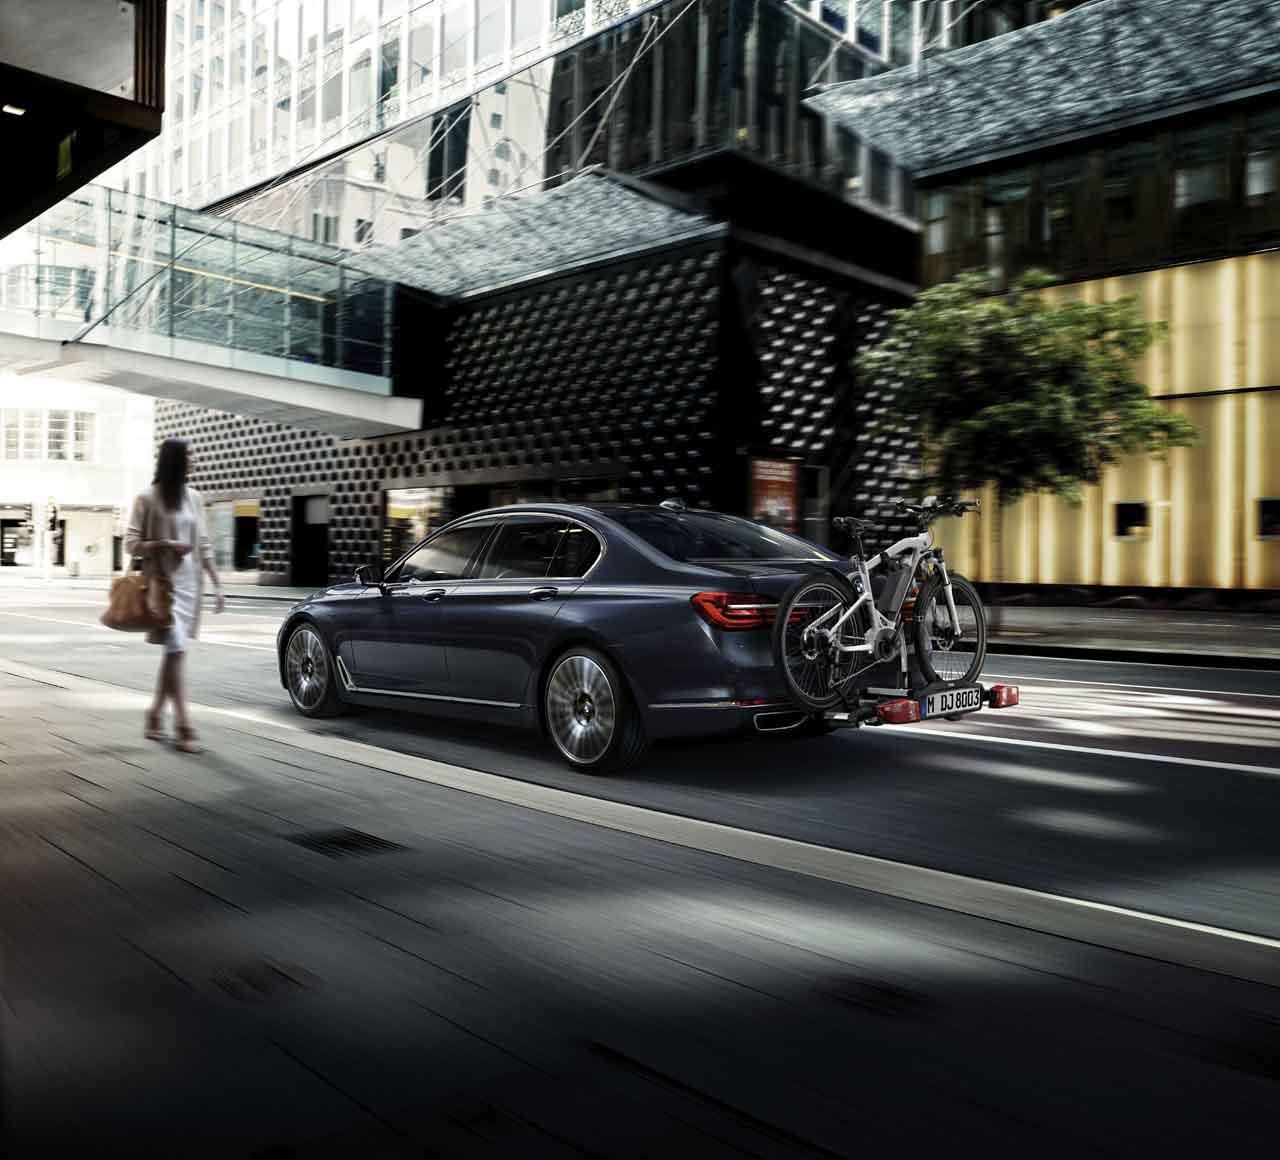 BMW Fahrrad Heckträger Pro 2.0